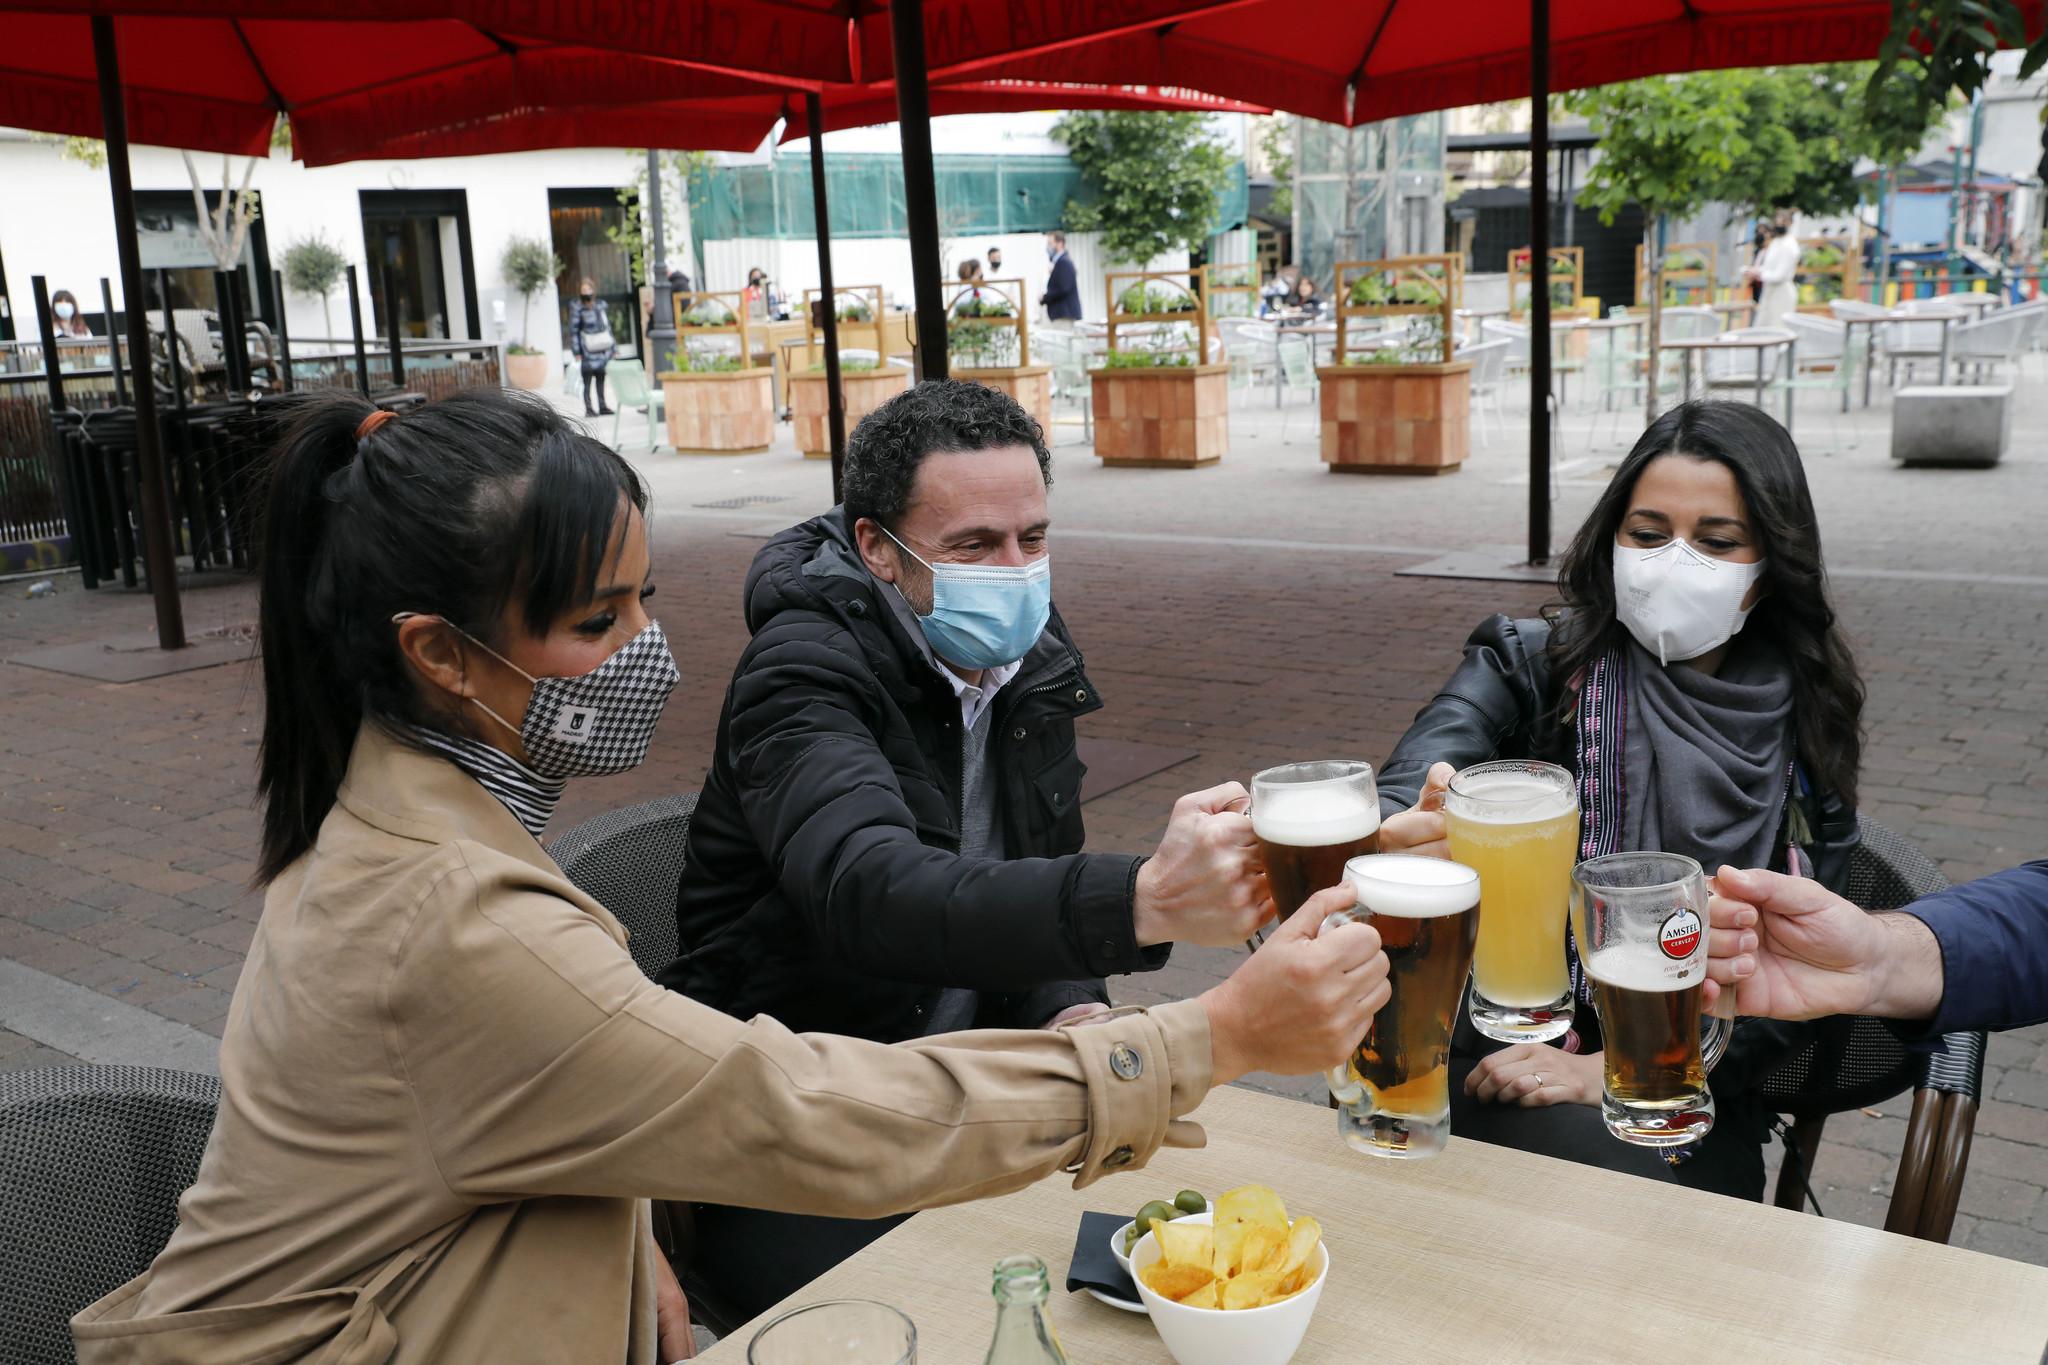 Edmundo Bal, entre Inés Arrimadas y Begoña Villacís, tomando una cerveza en la Plaza de Santa Ana.